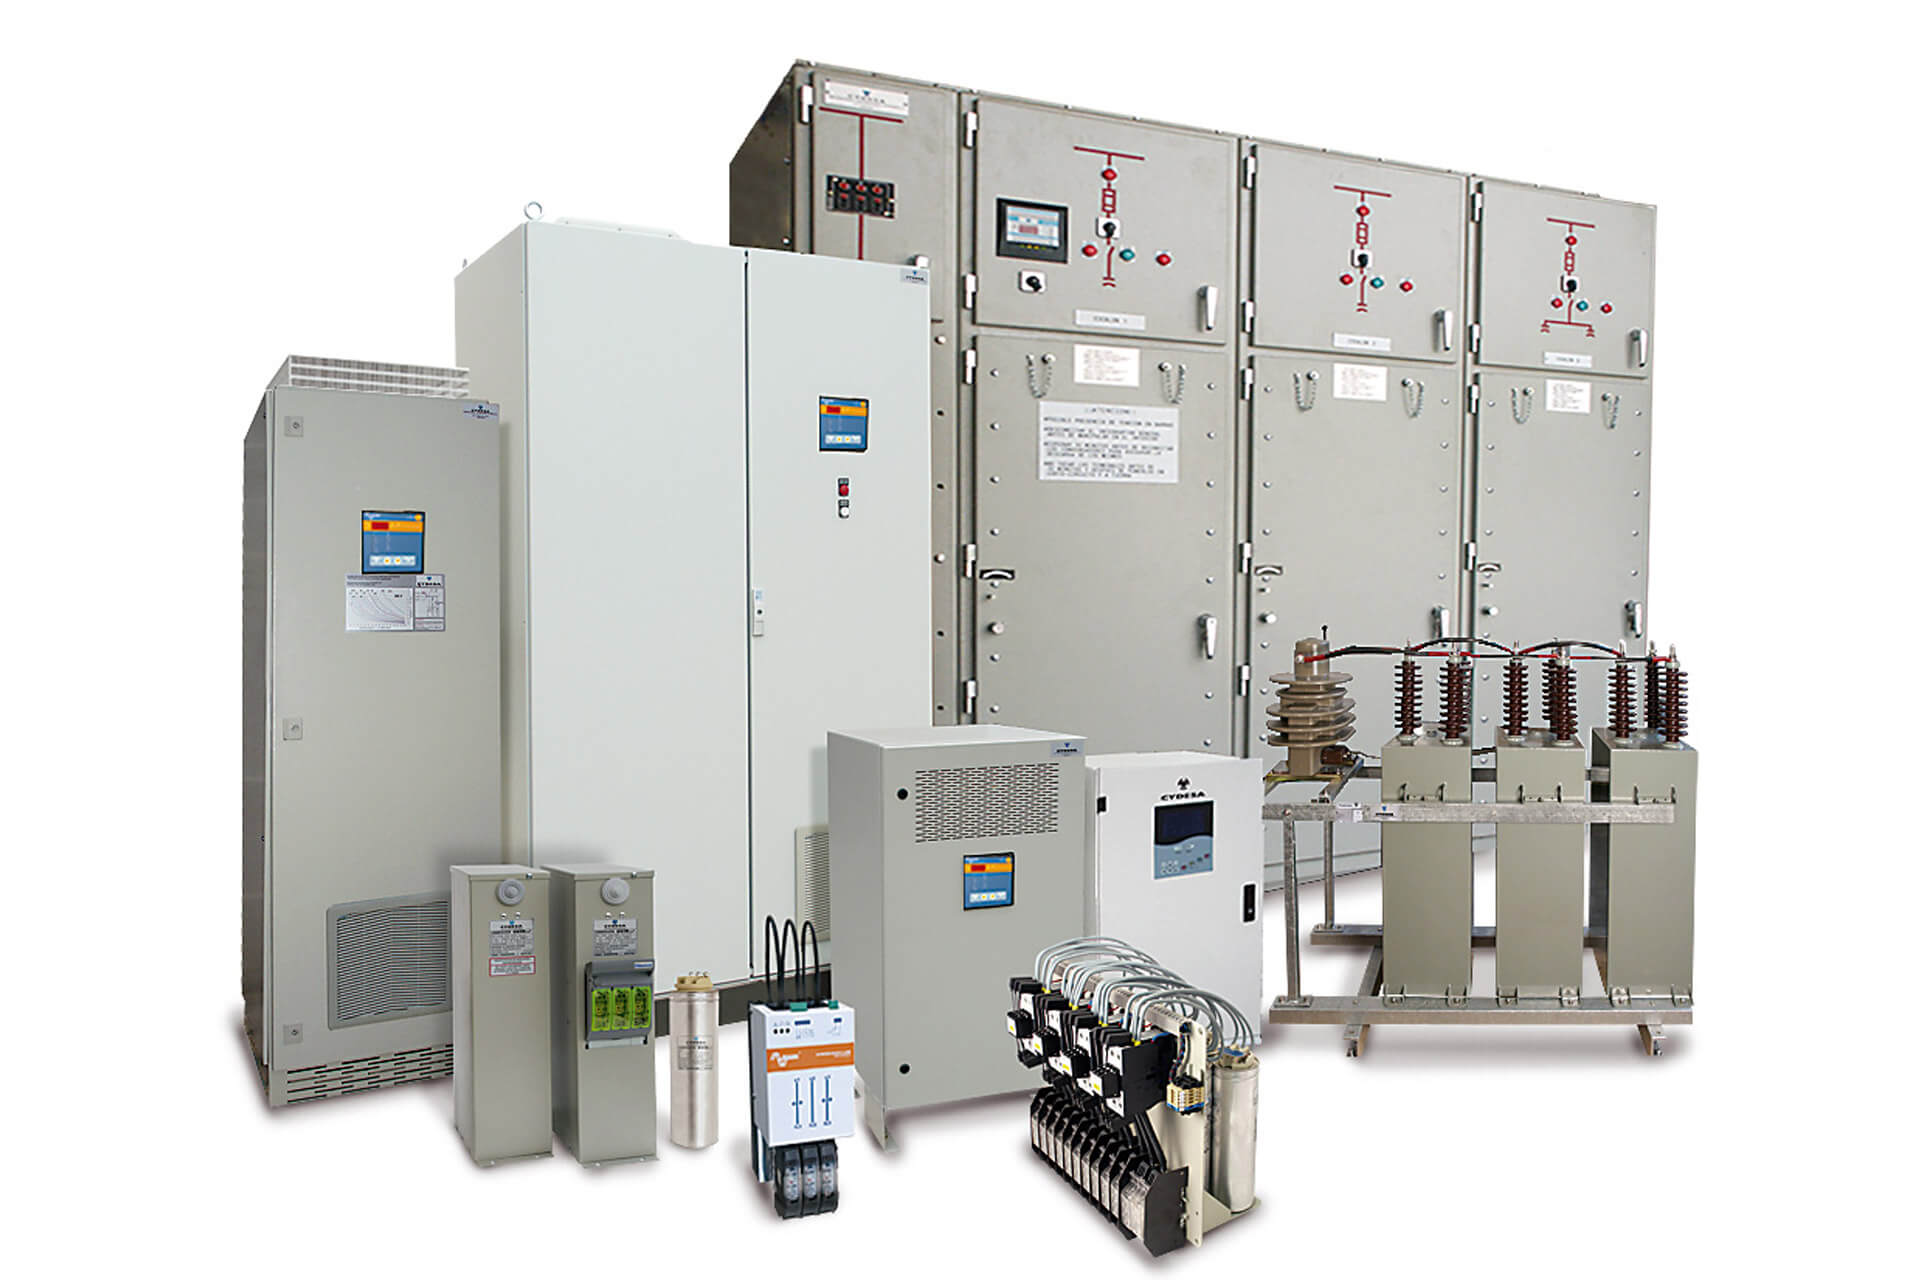 baterias-de-condesadores-ahorro-energetico